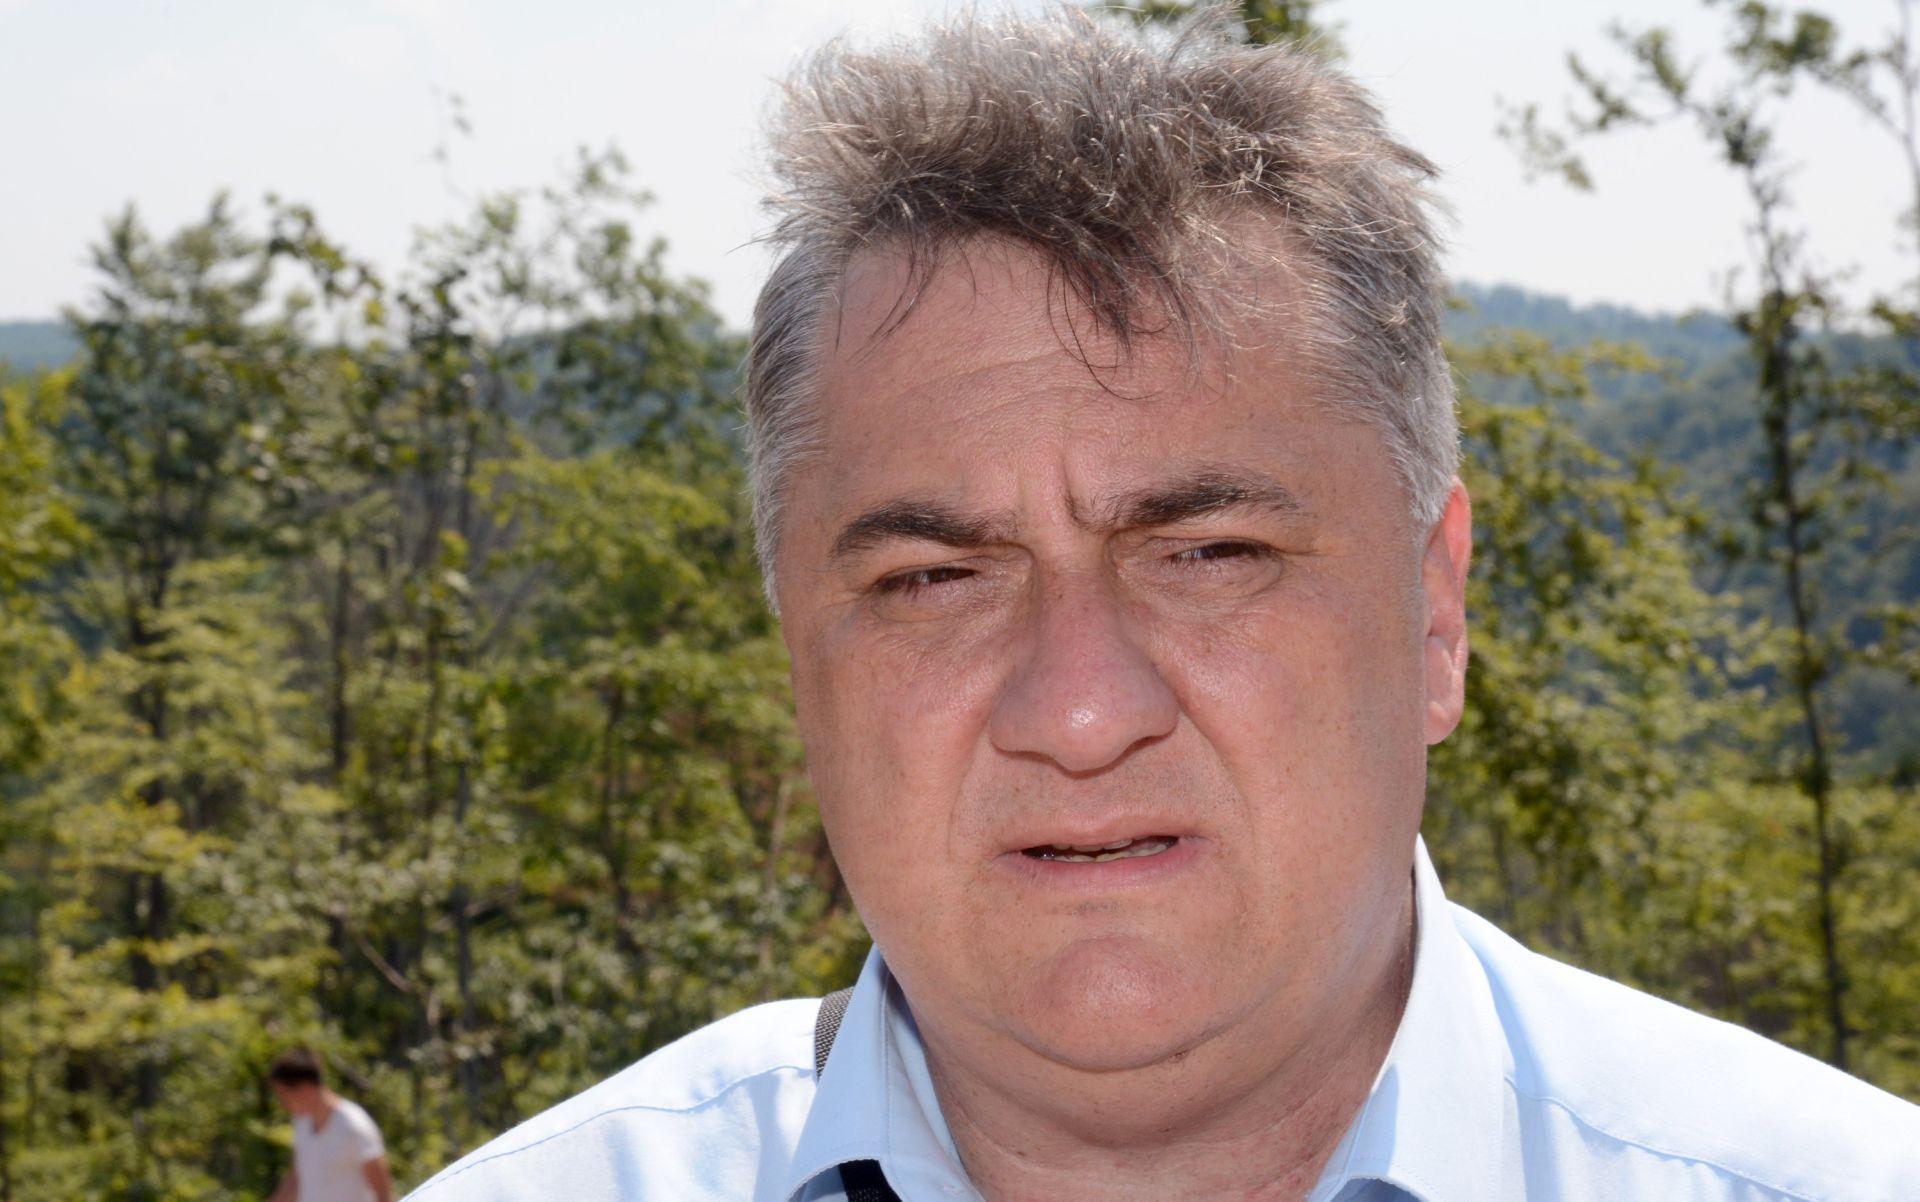 PODLEGAO OZLJEDAMA Gradonačelnik Gline Milan Bakšić poginuo u prometnoj nesreći